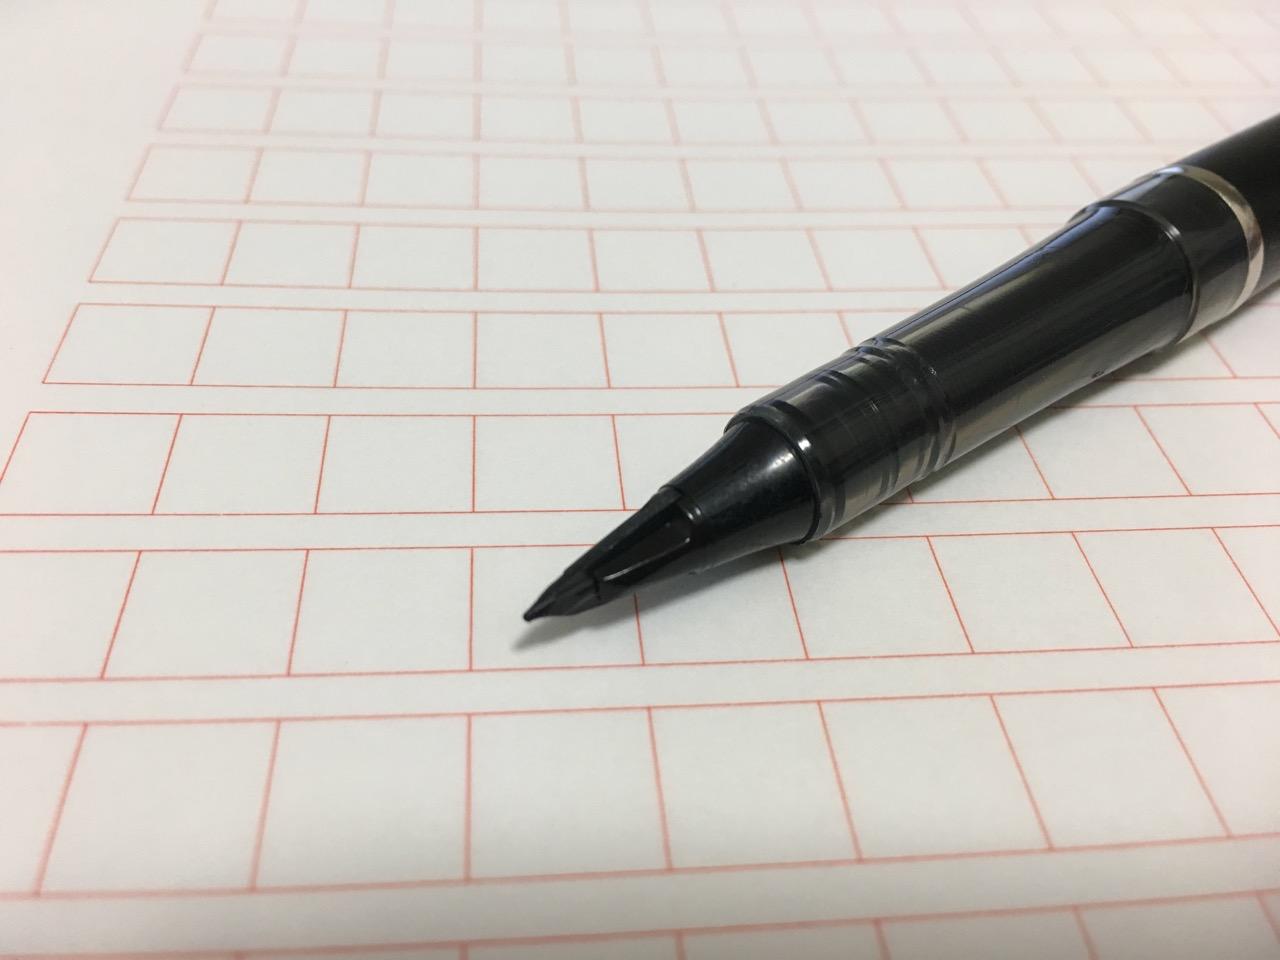 トラディオ・プラマンのペン先